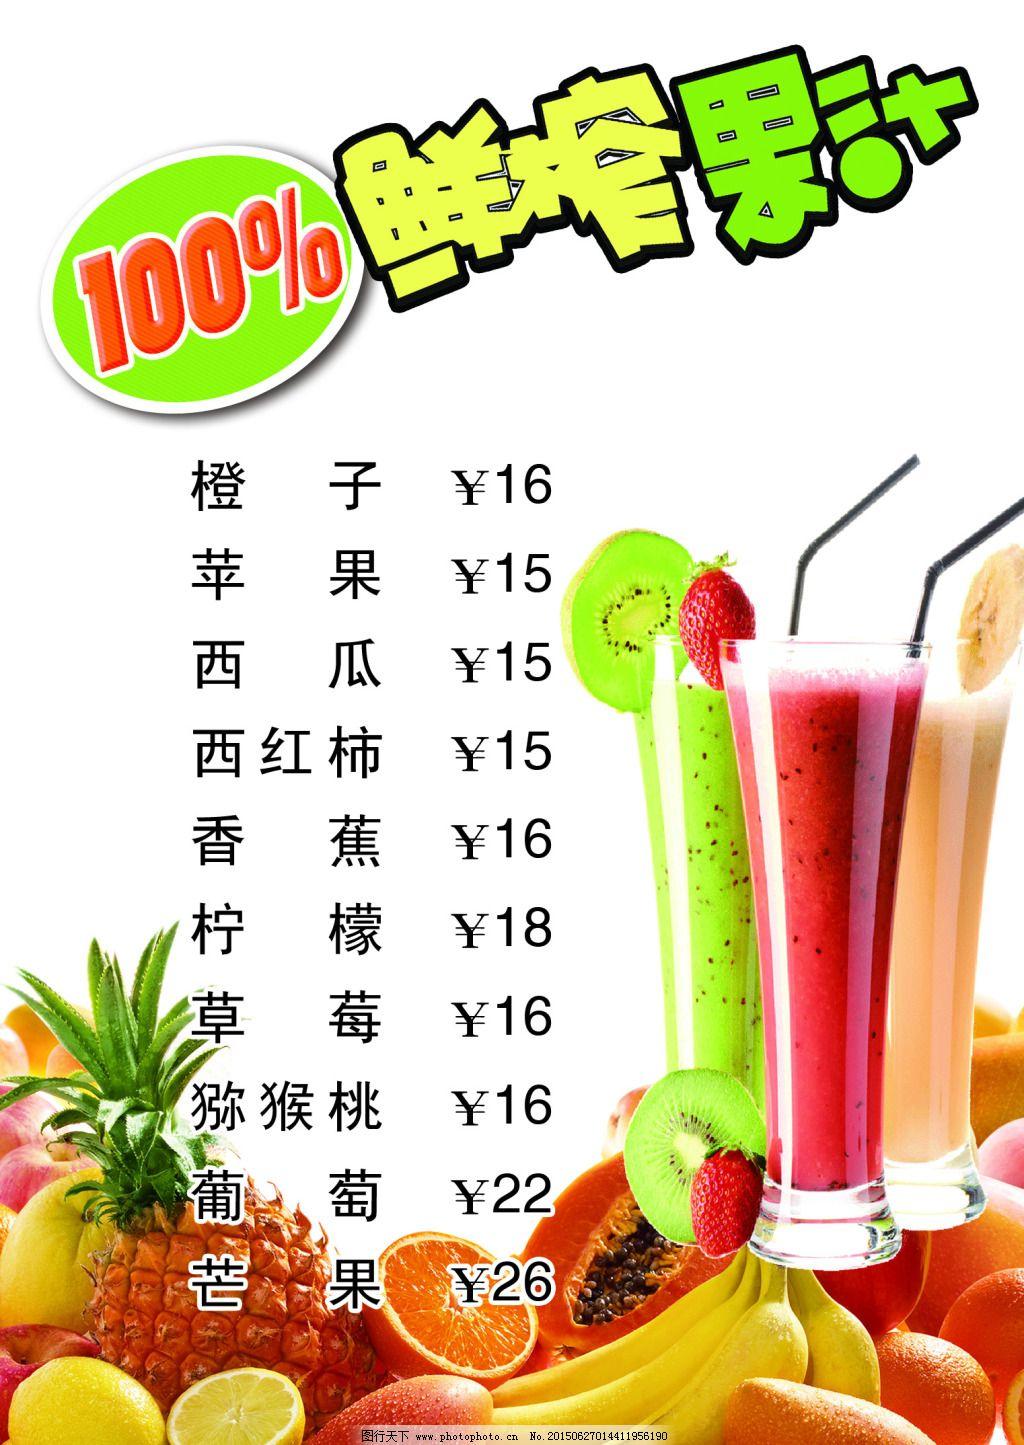 鲜榨果汁图片